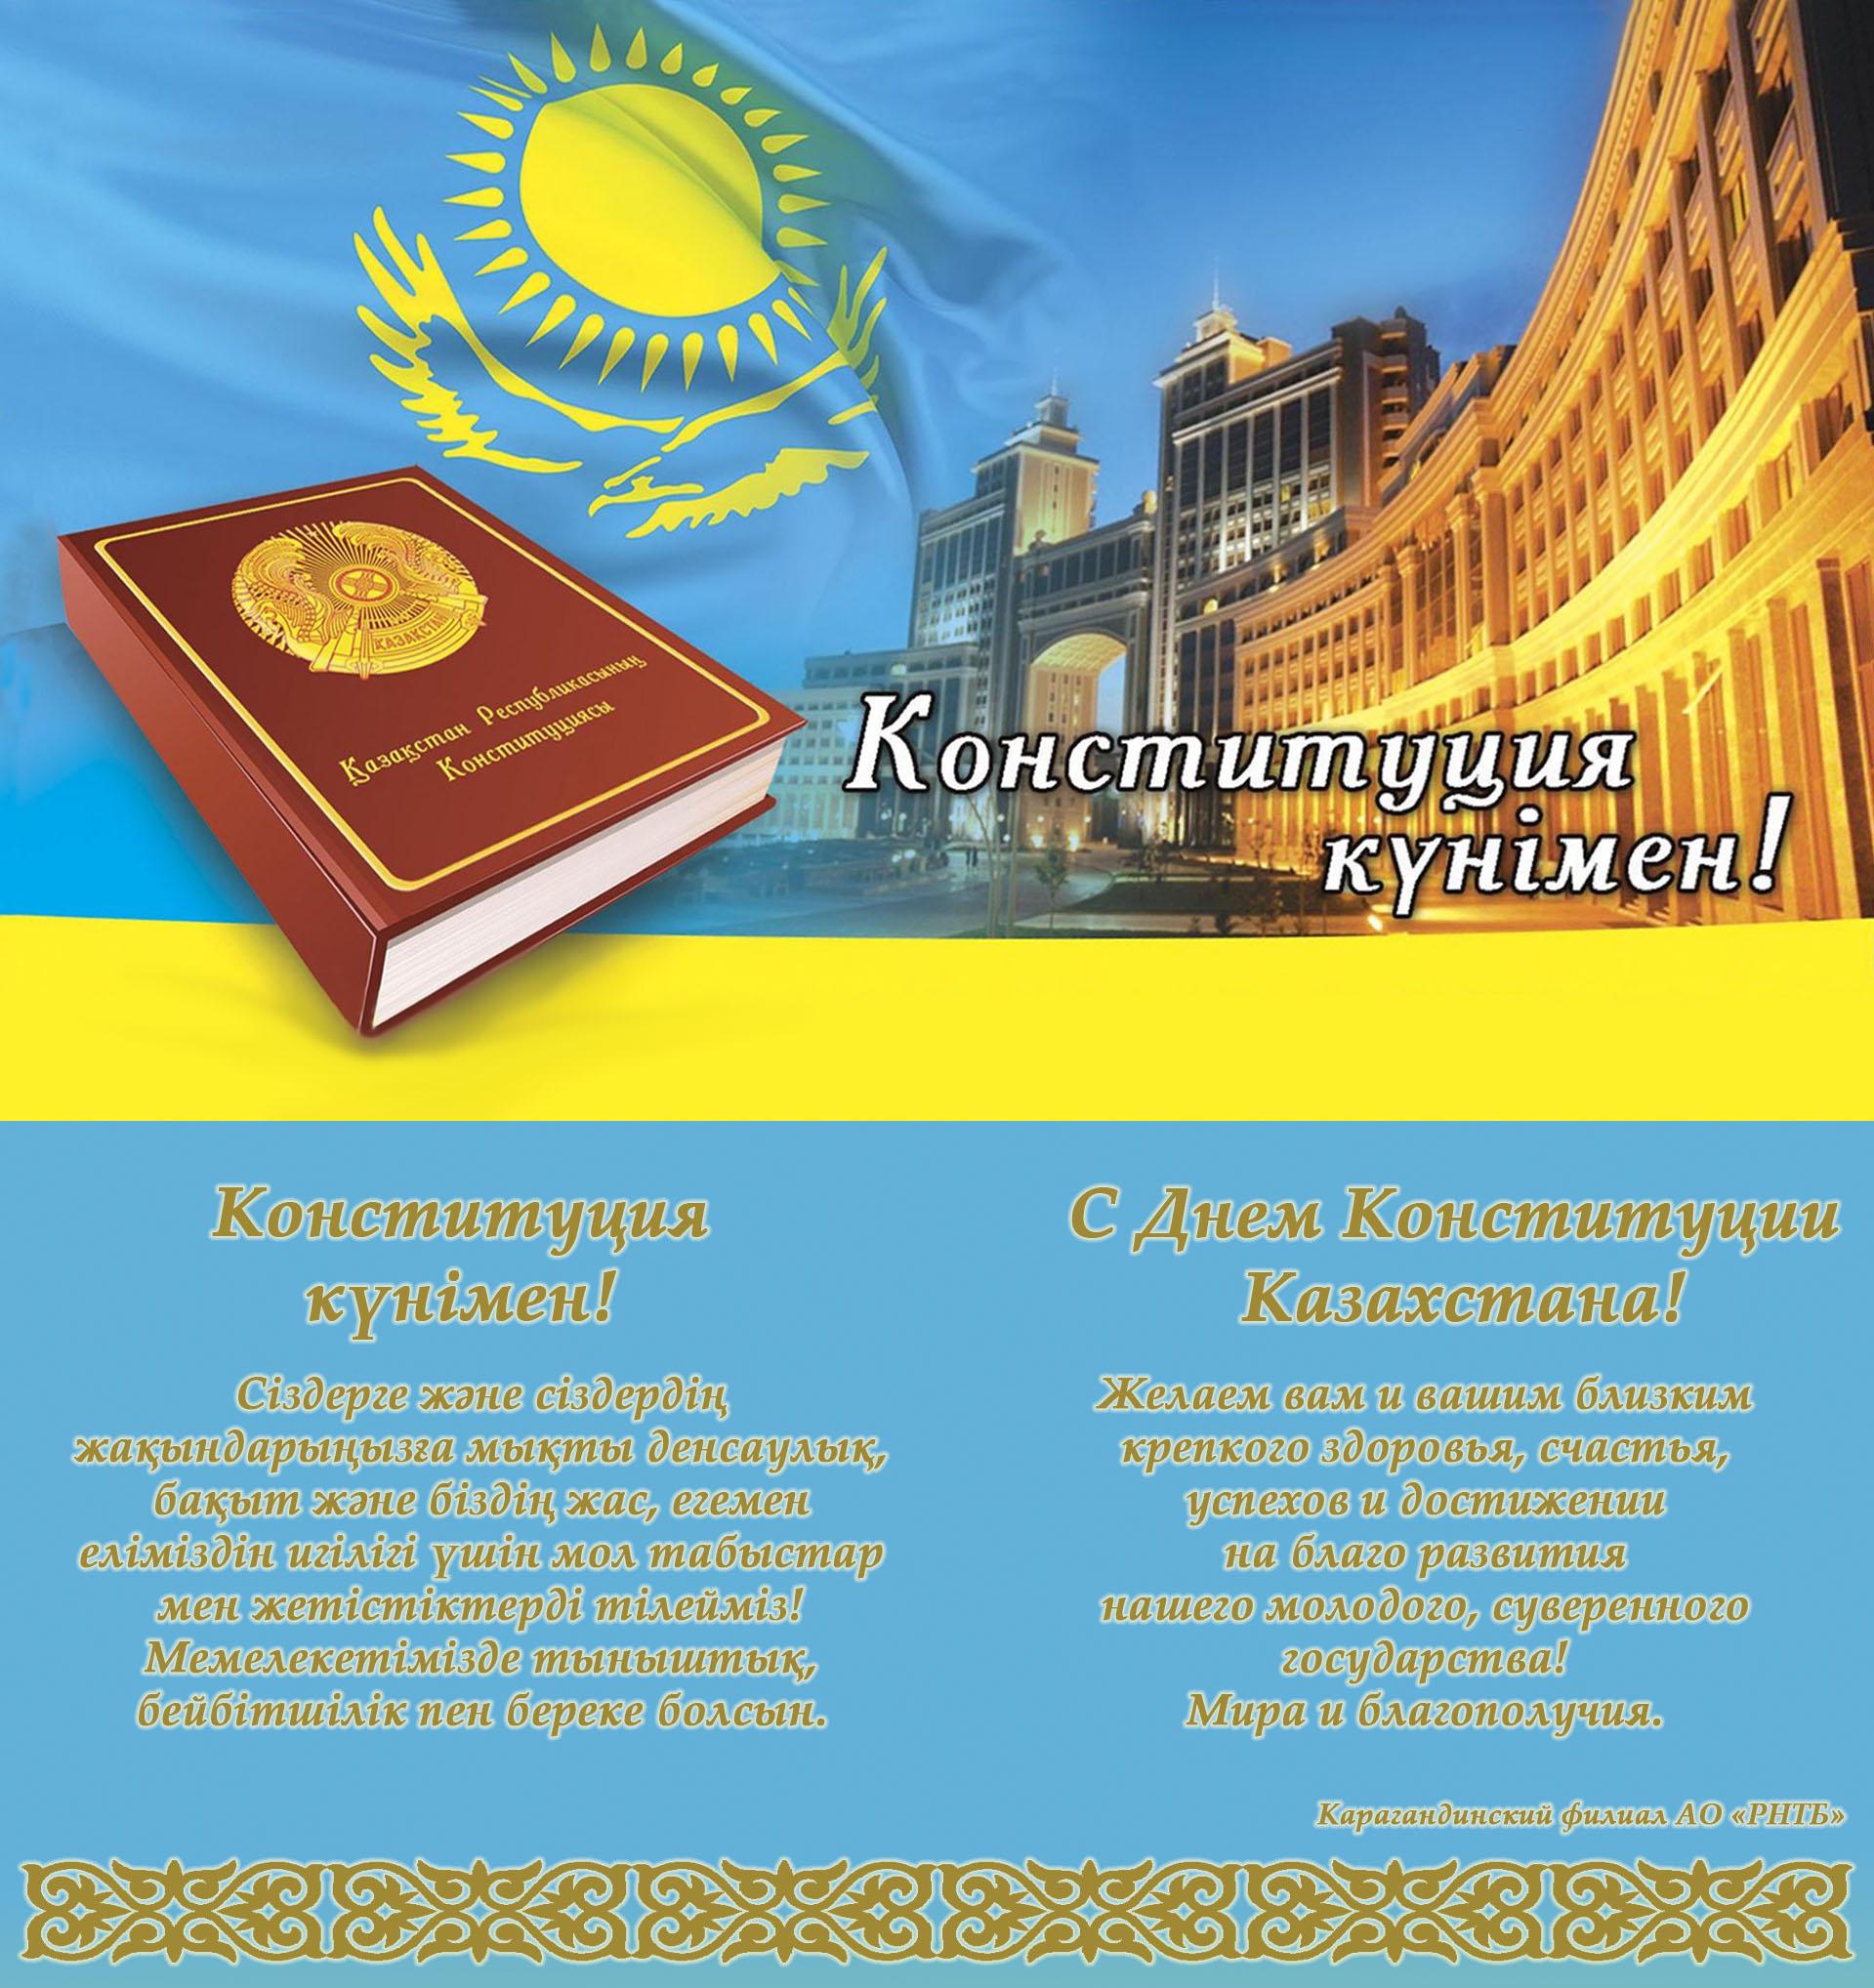 Поздравительные открытки с днем конституции в казахстане